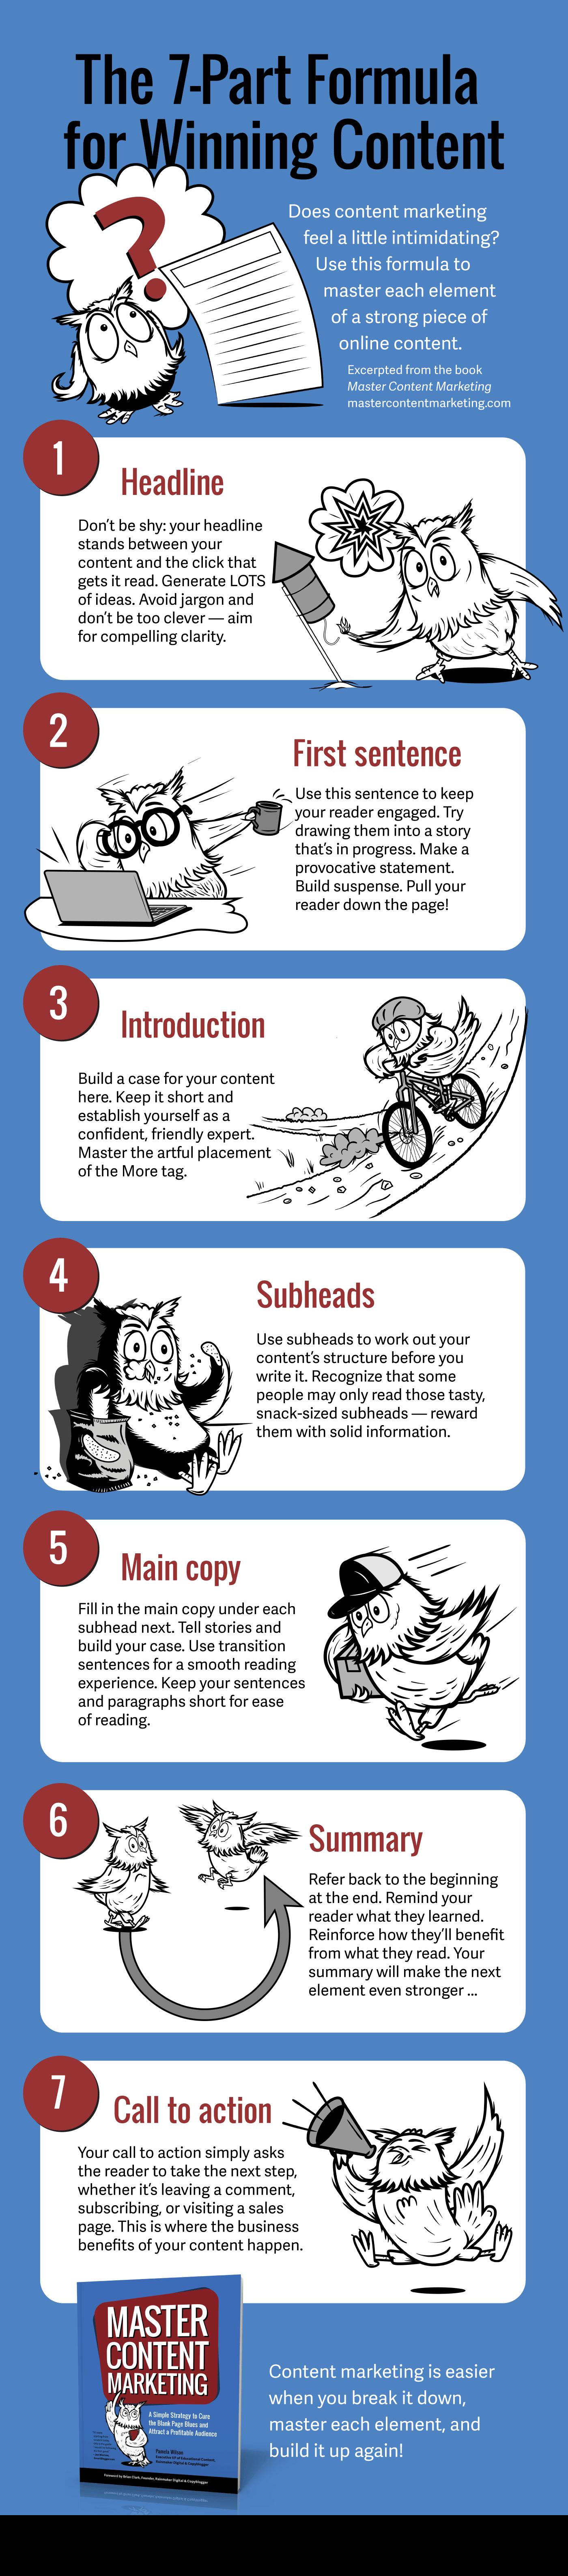 mcm-infographic